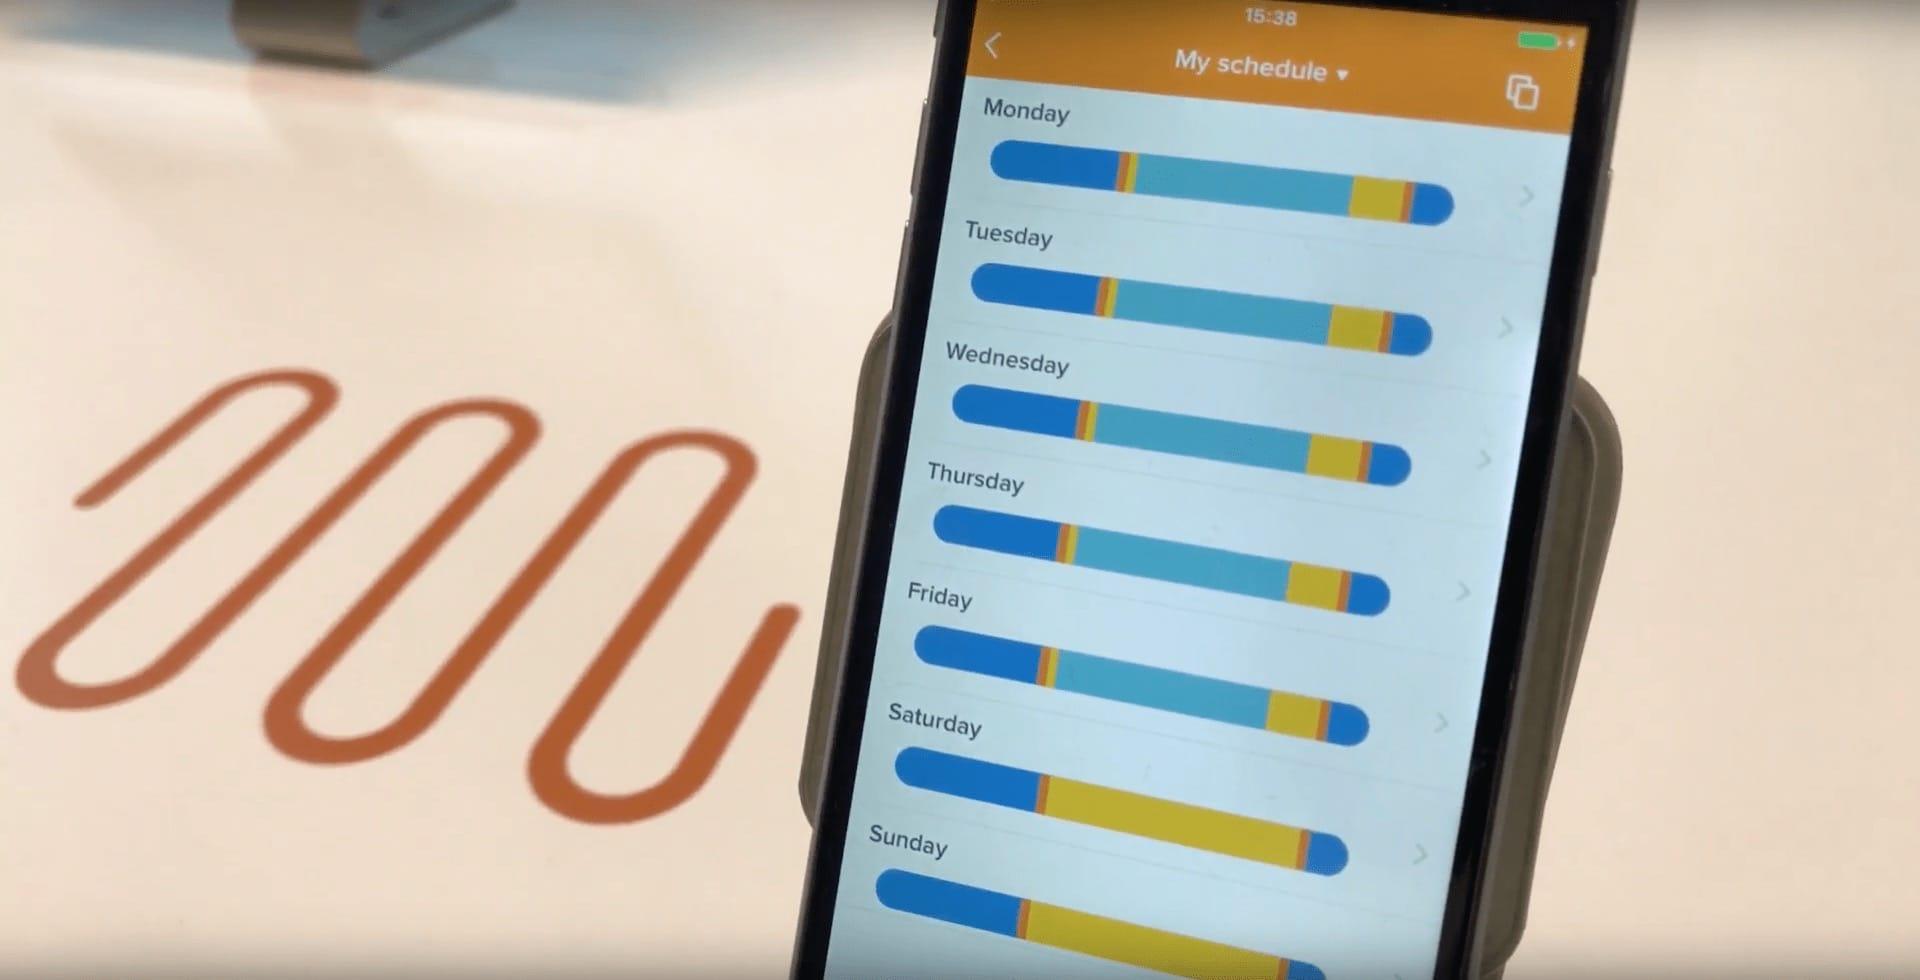 App für die smarte Heizungssteuerung: Wochenprogramm mit unterschiedlichen Temperaturphasen und Einzelraumsteuerung per Smartphone App